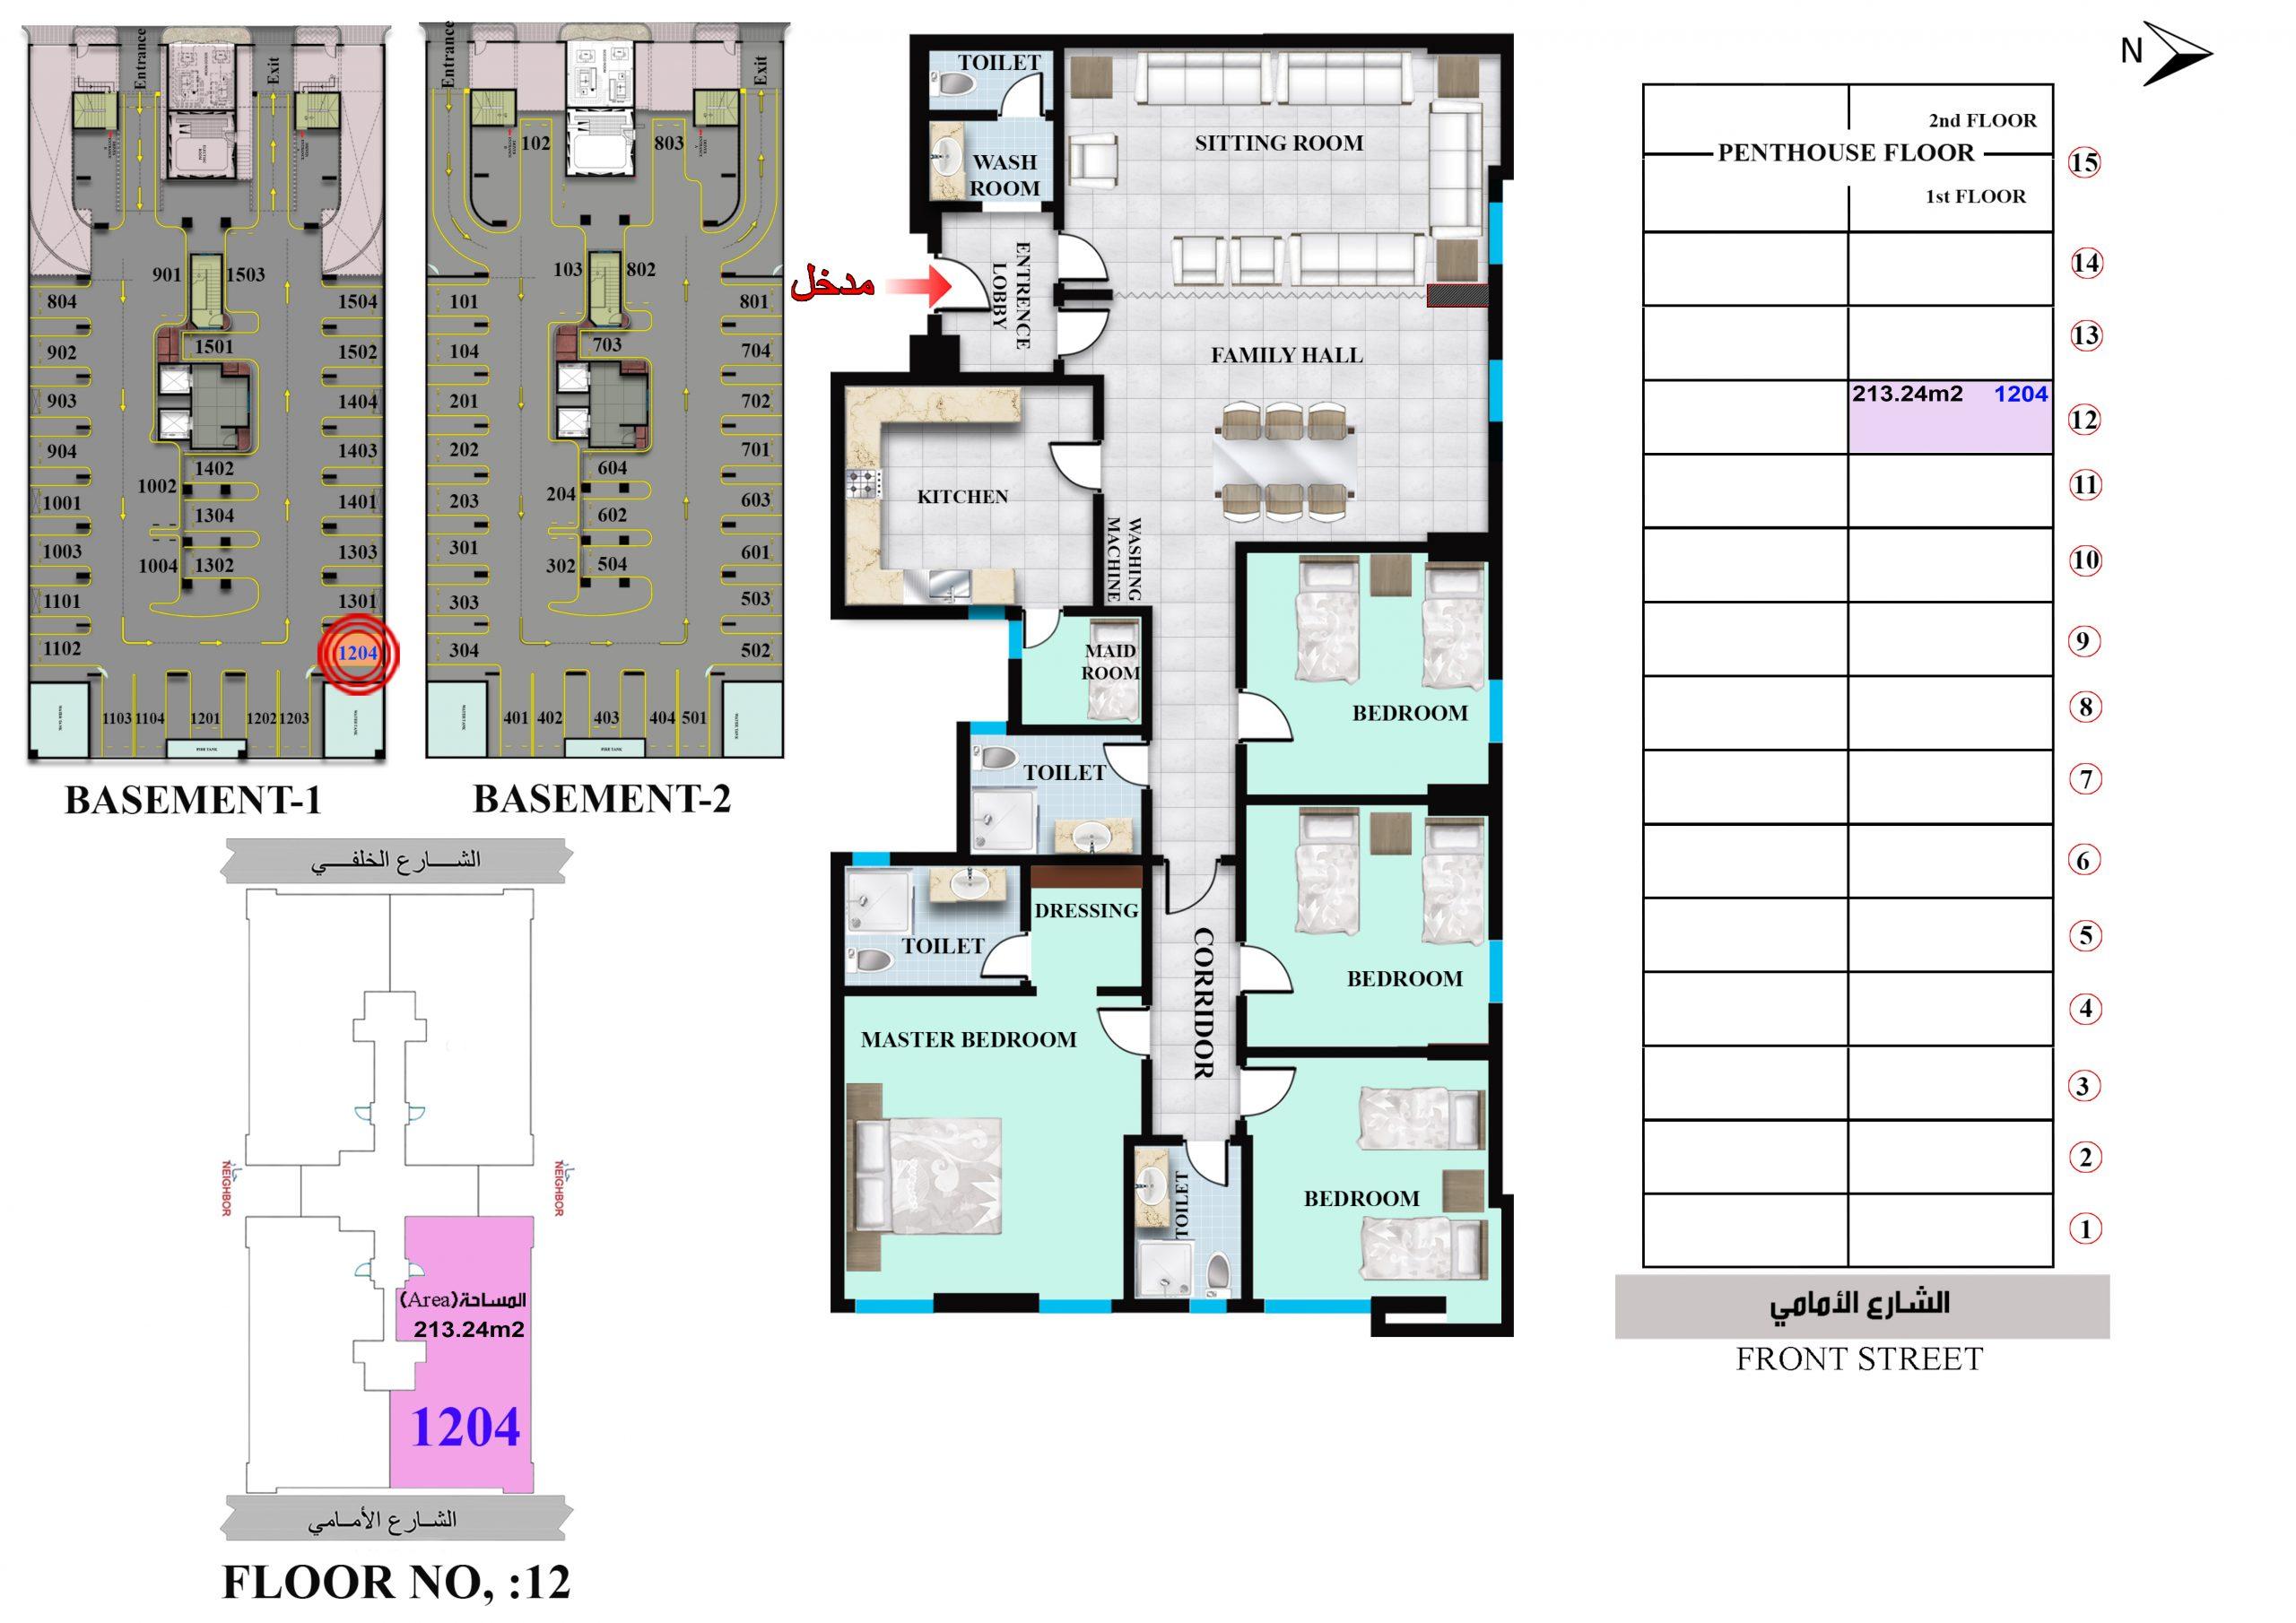 شقة رقم 1204